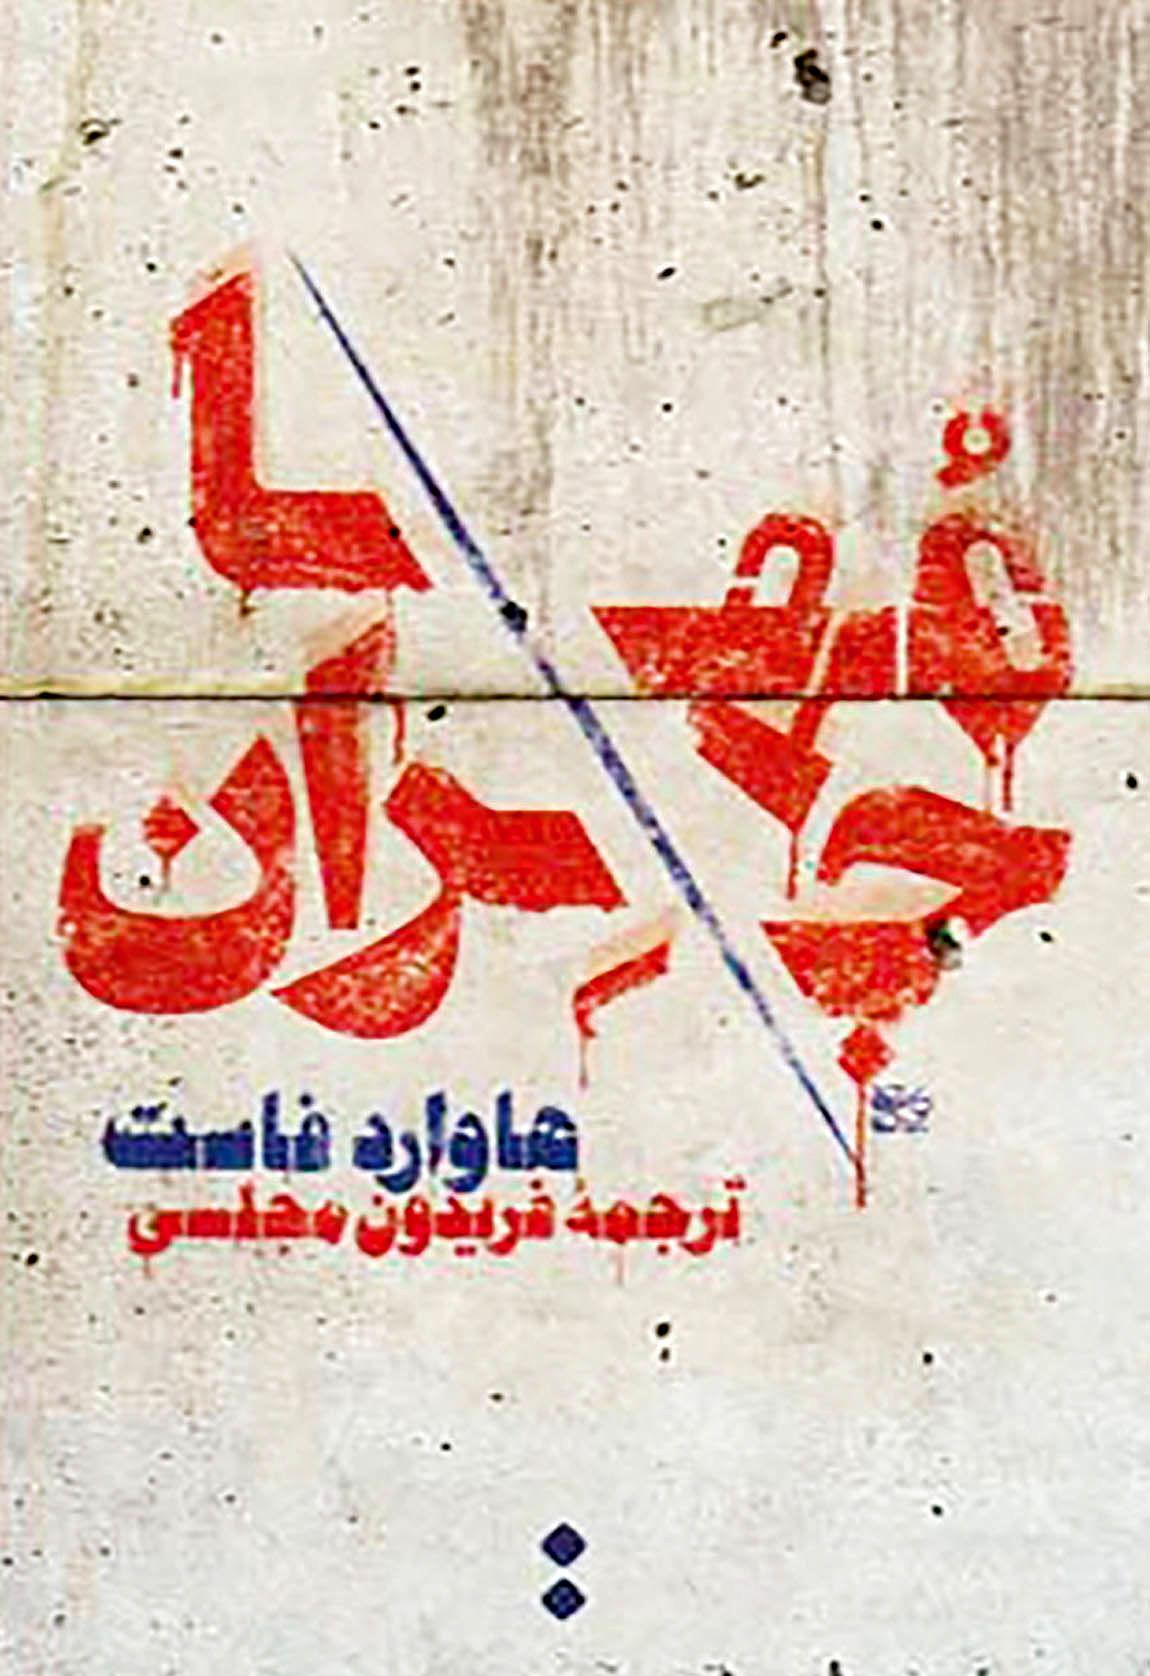 رمان «مهاجران» در بازار کتاب